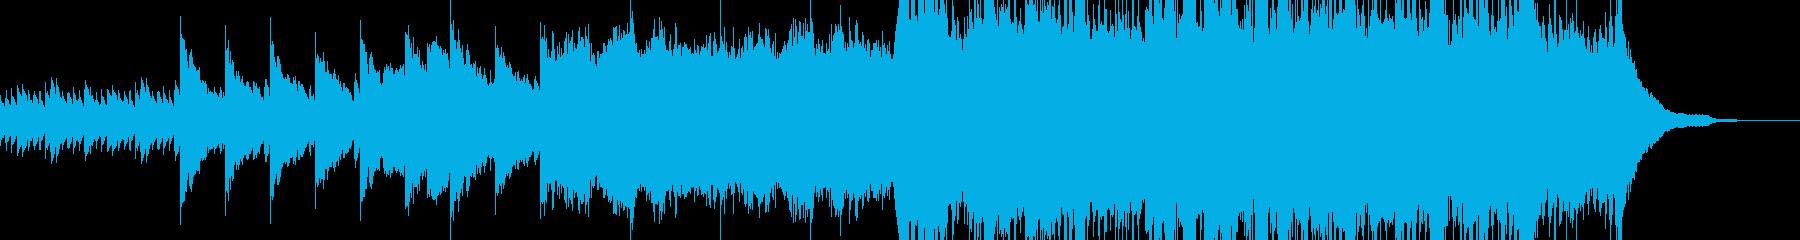 ピアノとオーケストラの感動的な曲の再生済みの波形